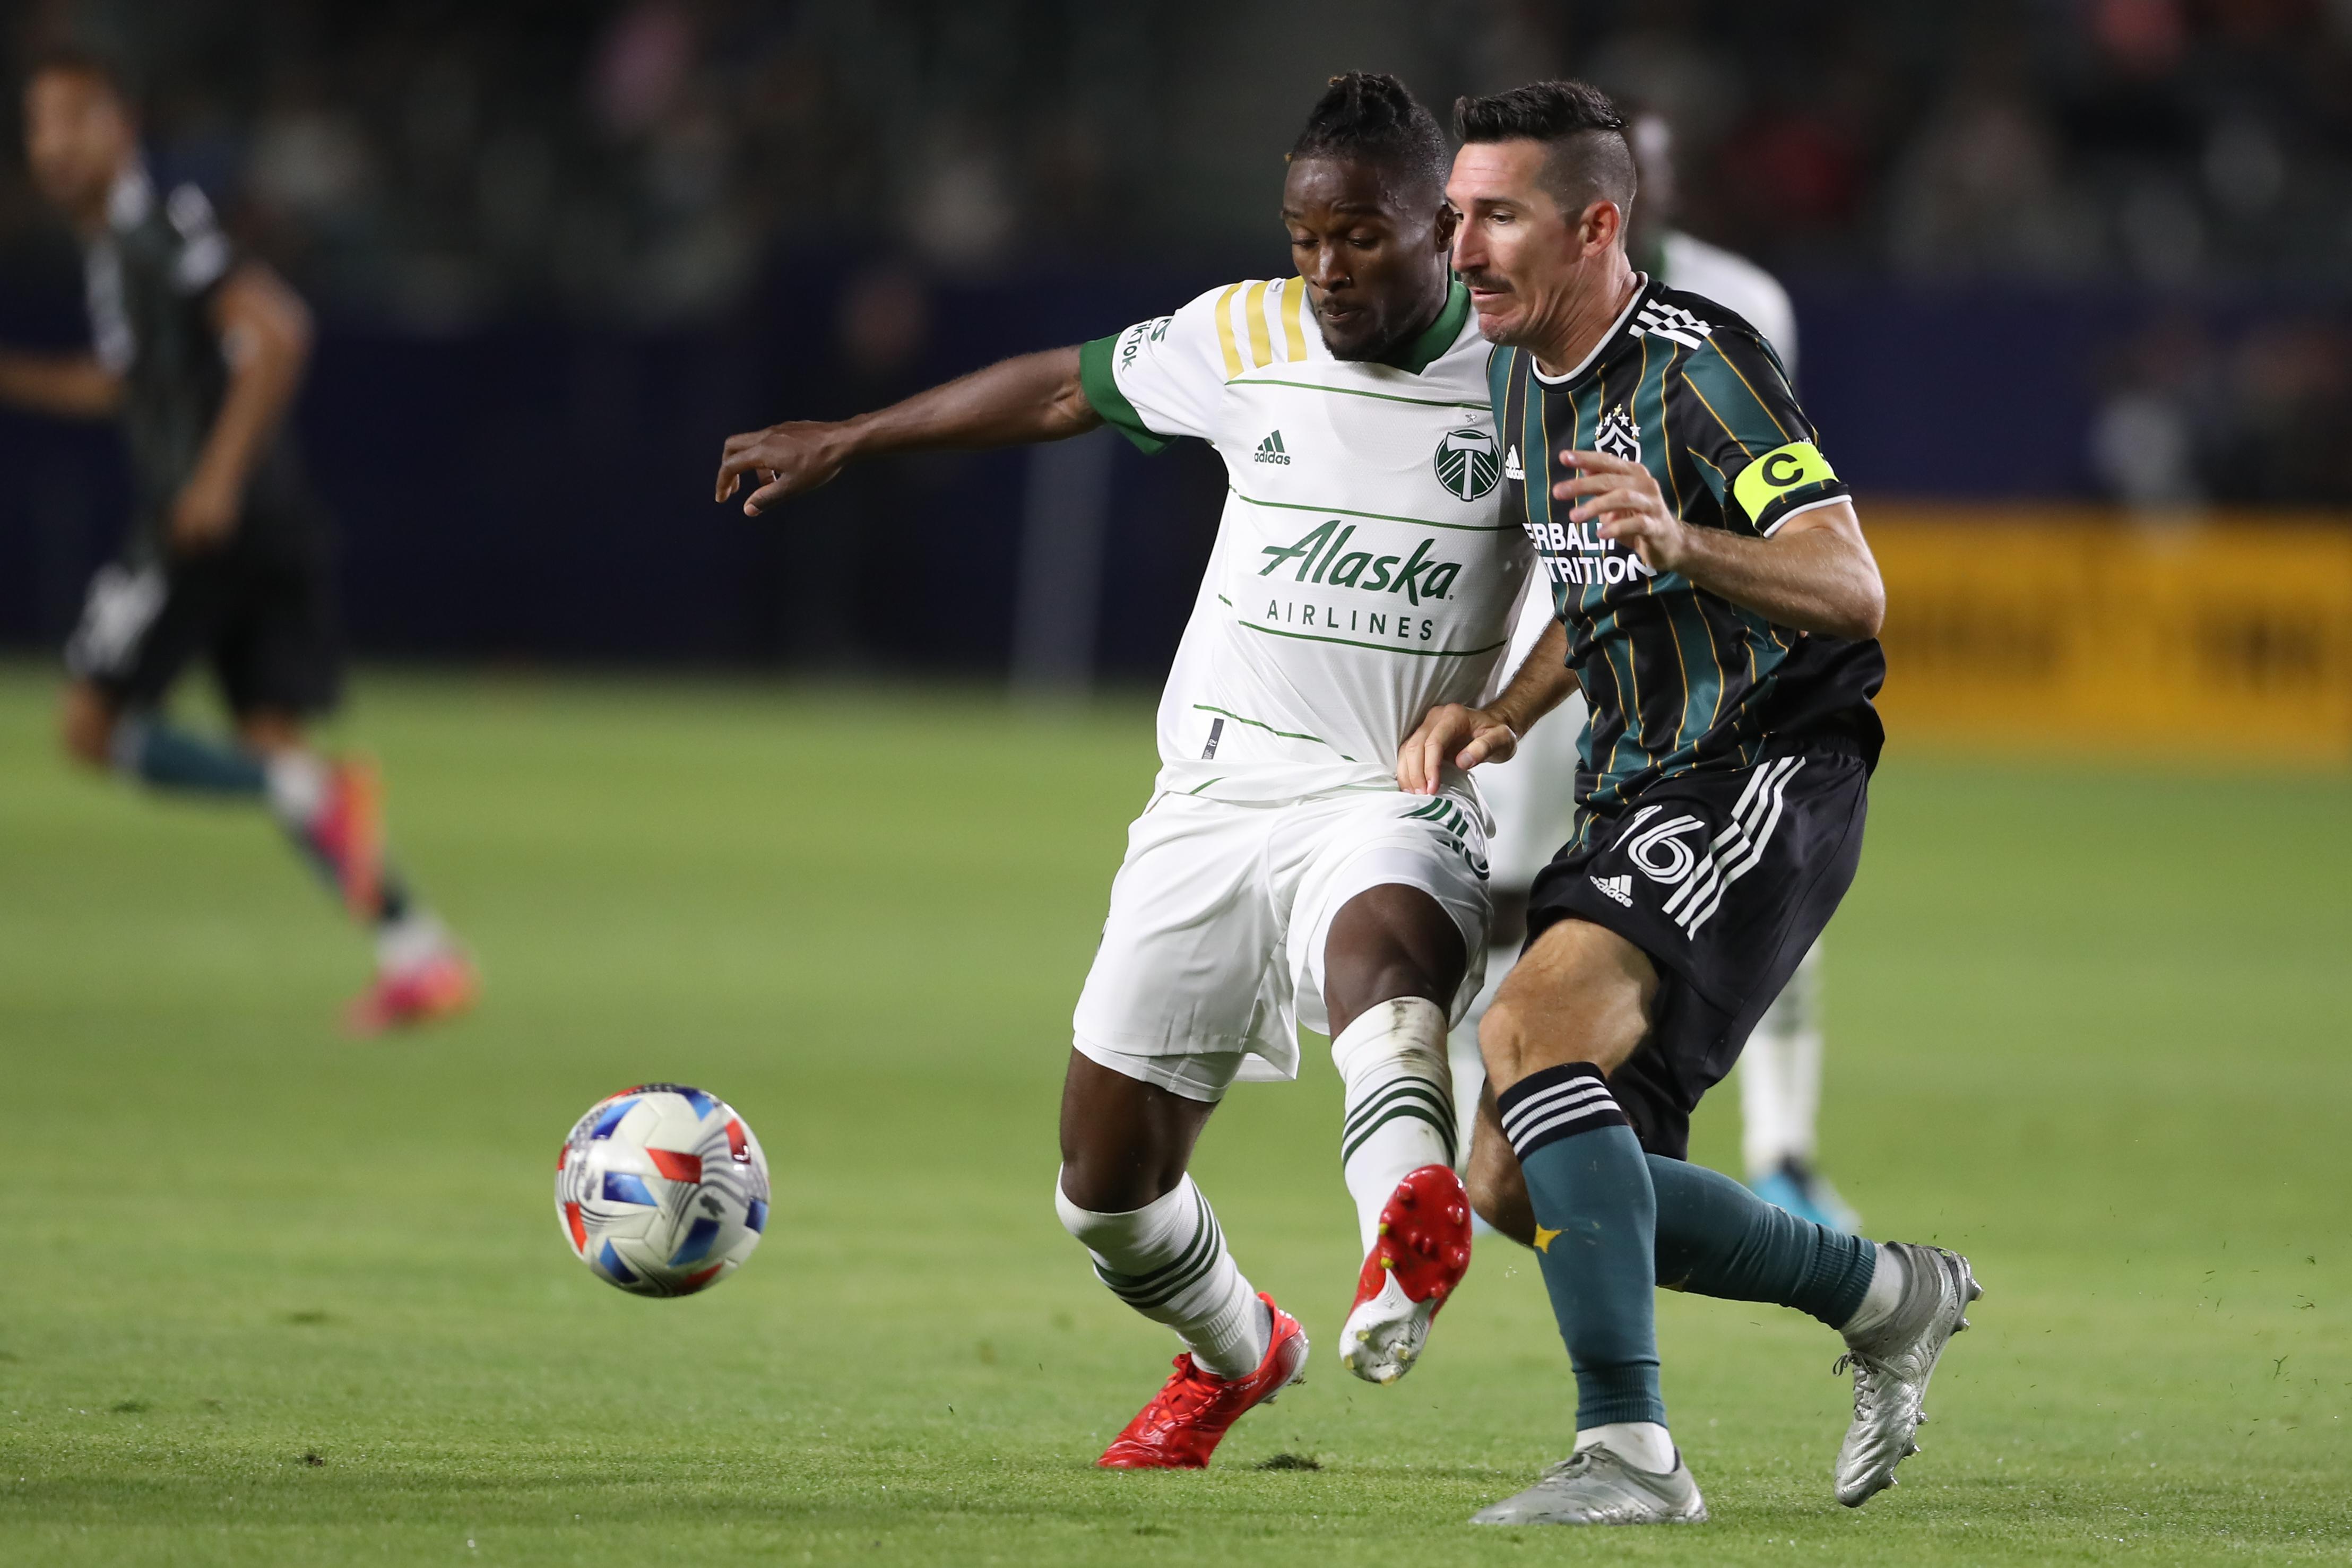 SOCCER: JUL 30 MLS - Portland Timbers at LA Galaxy